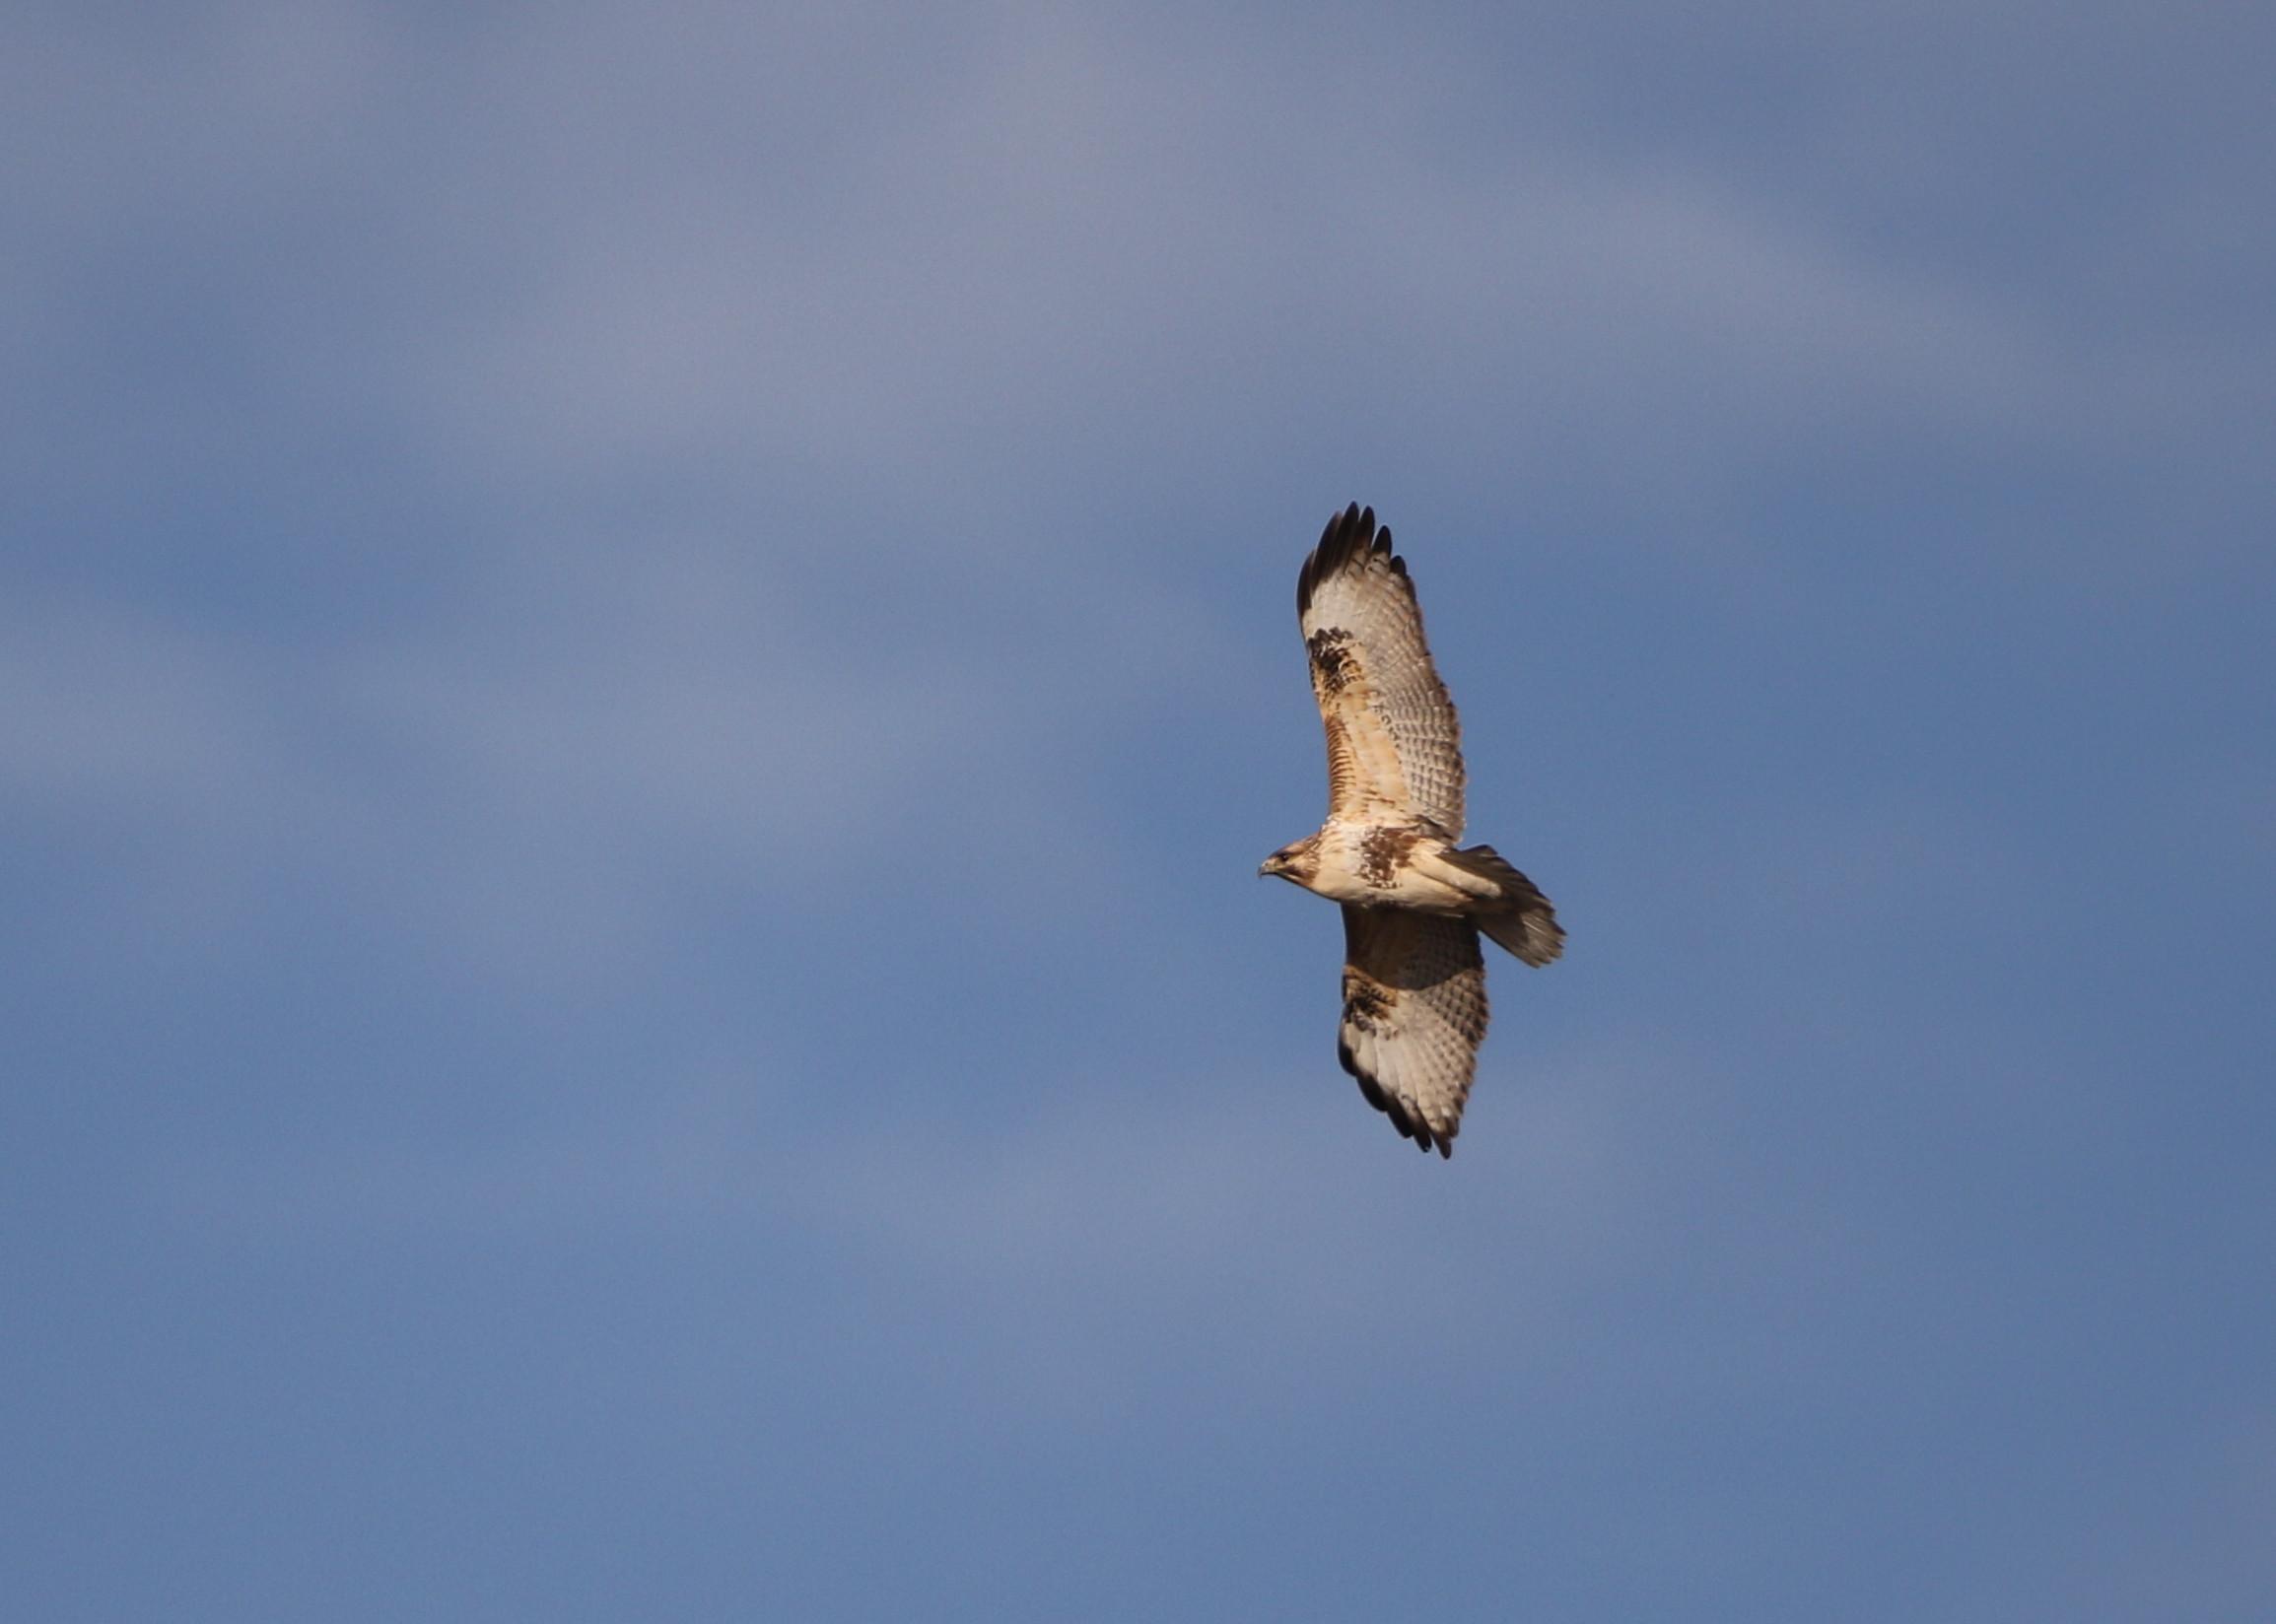 田園地帯のノスリの飛翔_f0239515_1612951.jpg